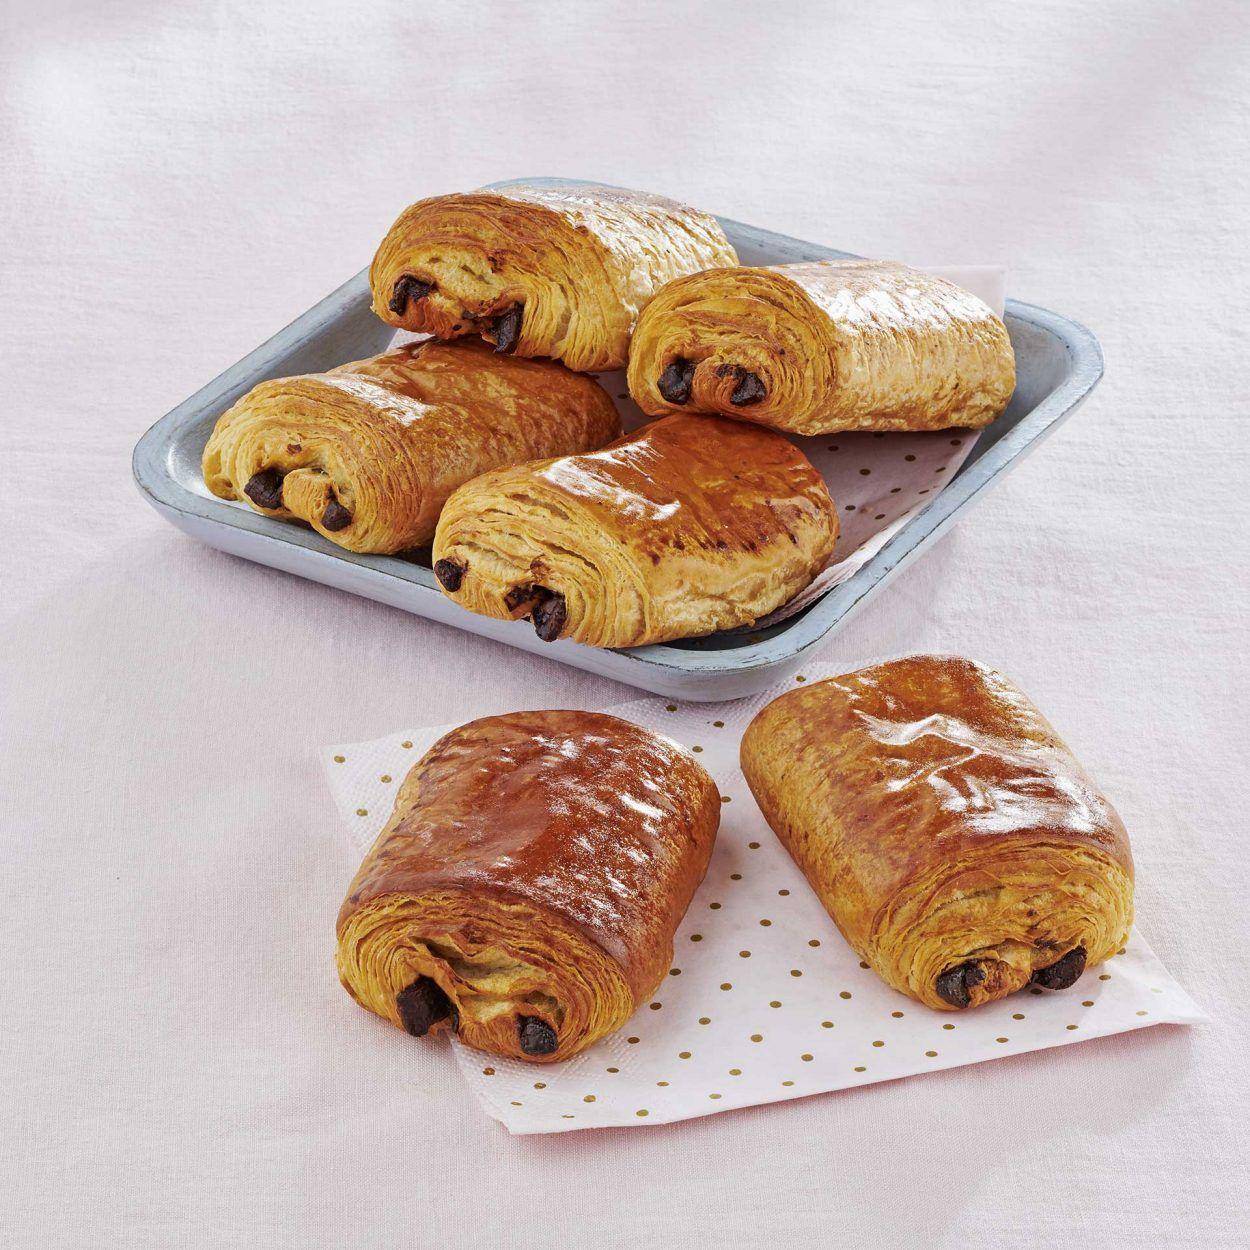 Lot de 6 pains au chocolat pur beurre cuits du jour - 360 g